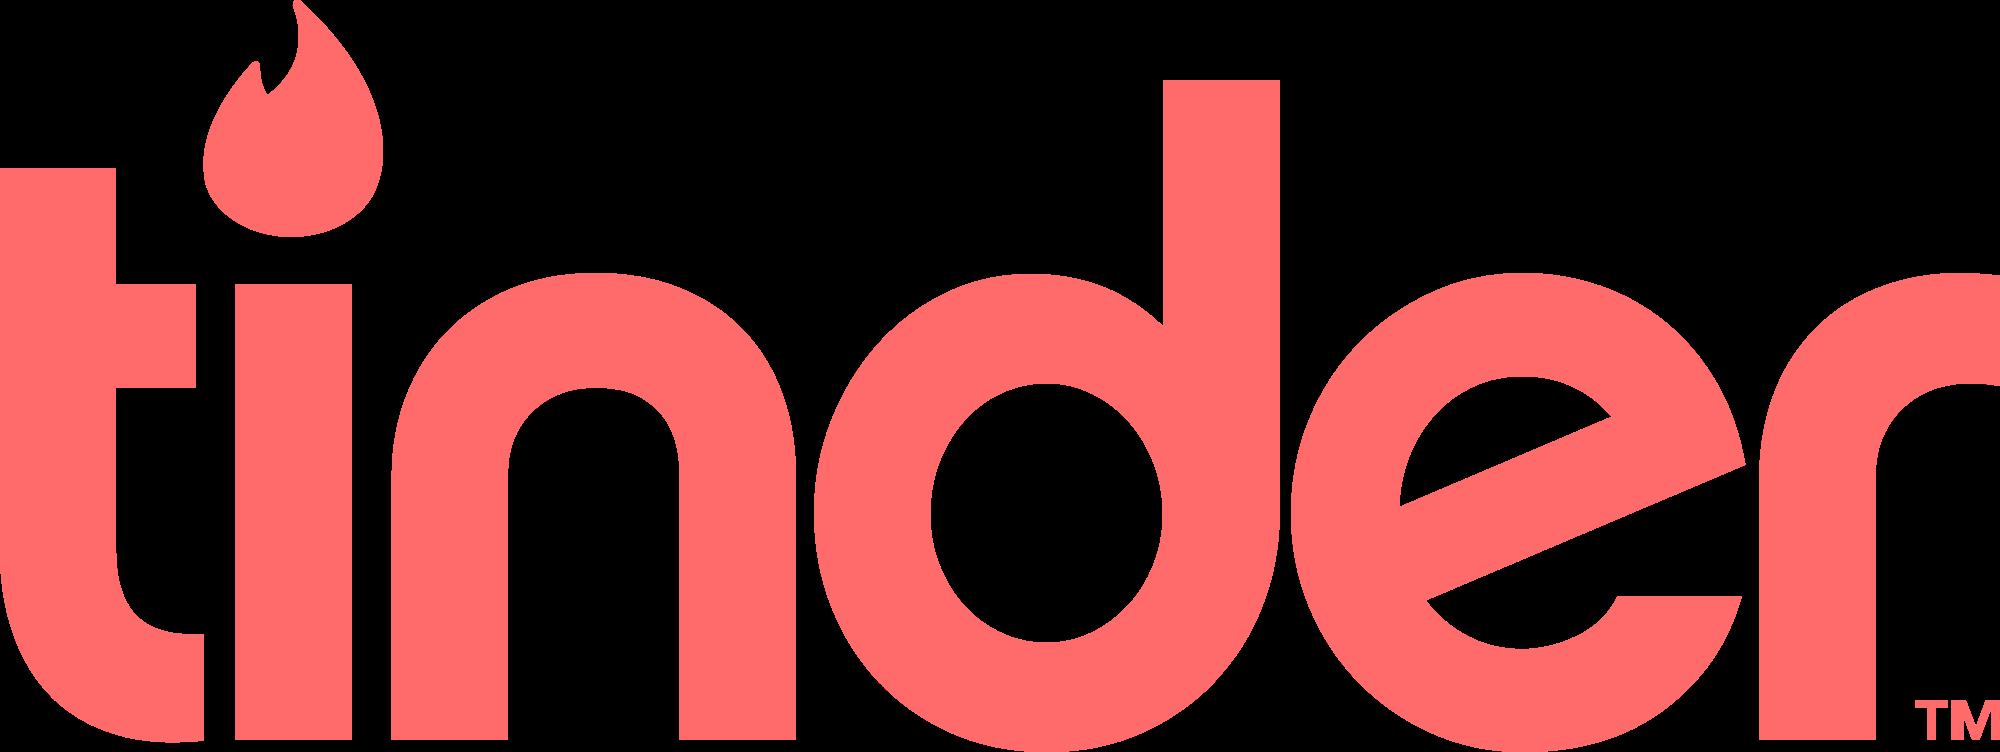 Tinder Logo PNG Transparent Tinder Logo. #517732.